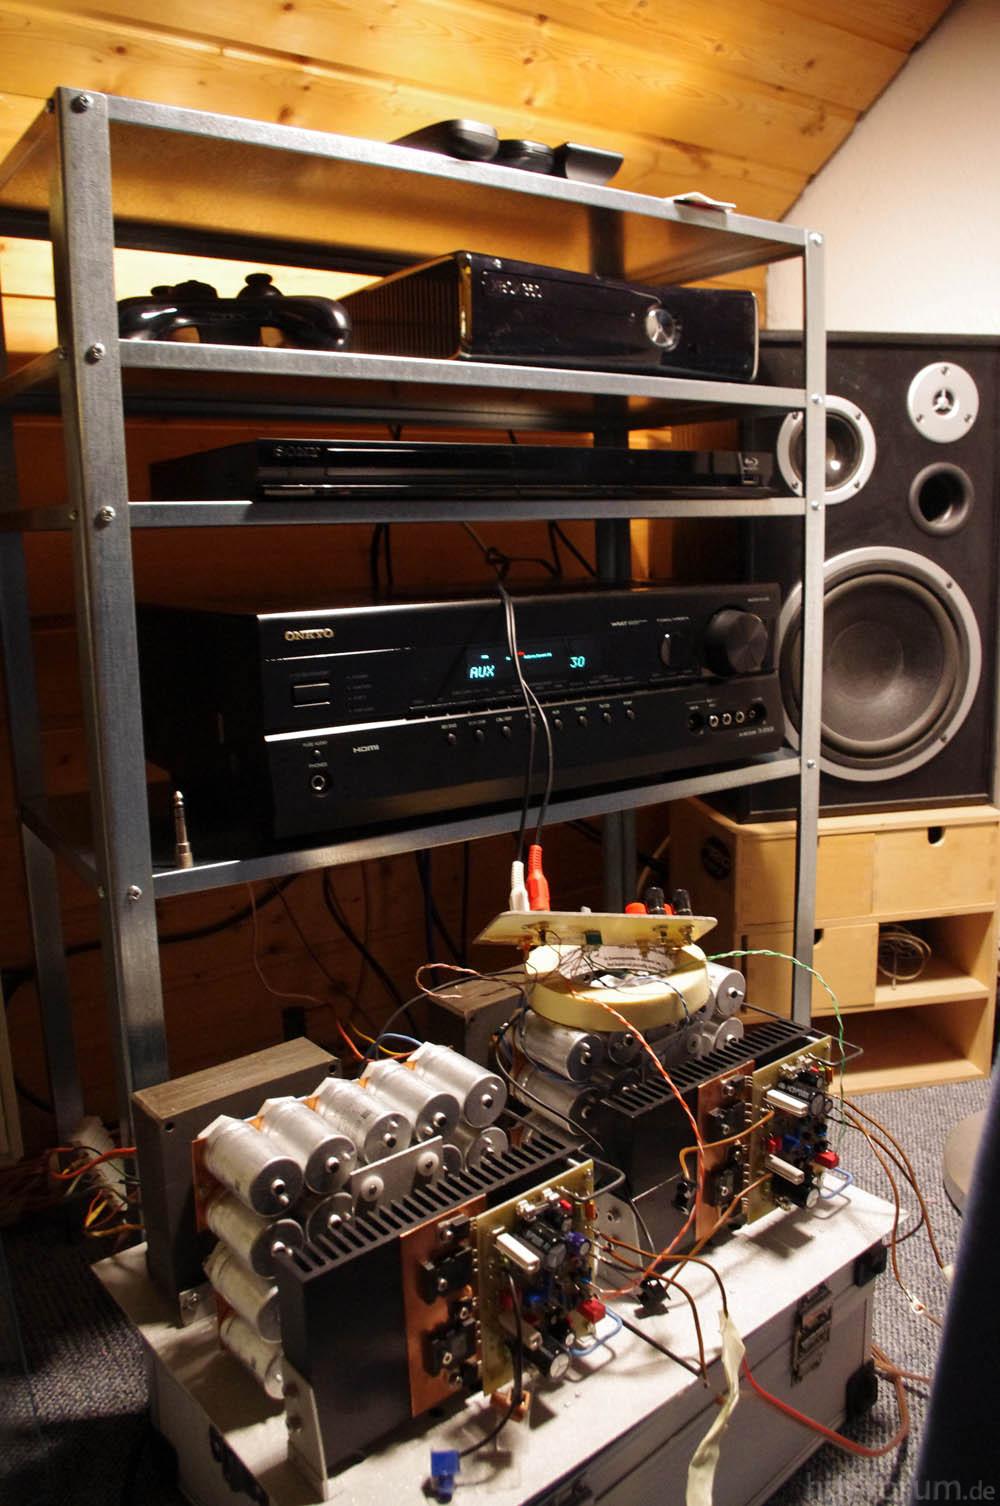 symasym und hyllis rack doityourself elektronik hifirack hyllis rack symasym hifi forum. Black Bedroom Furniture Sets. Home Design Ideas